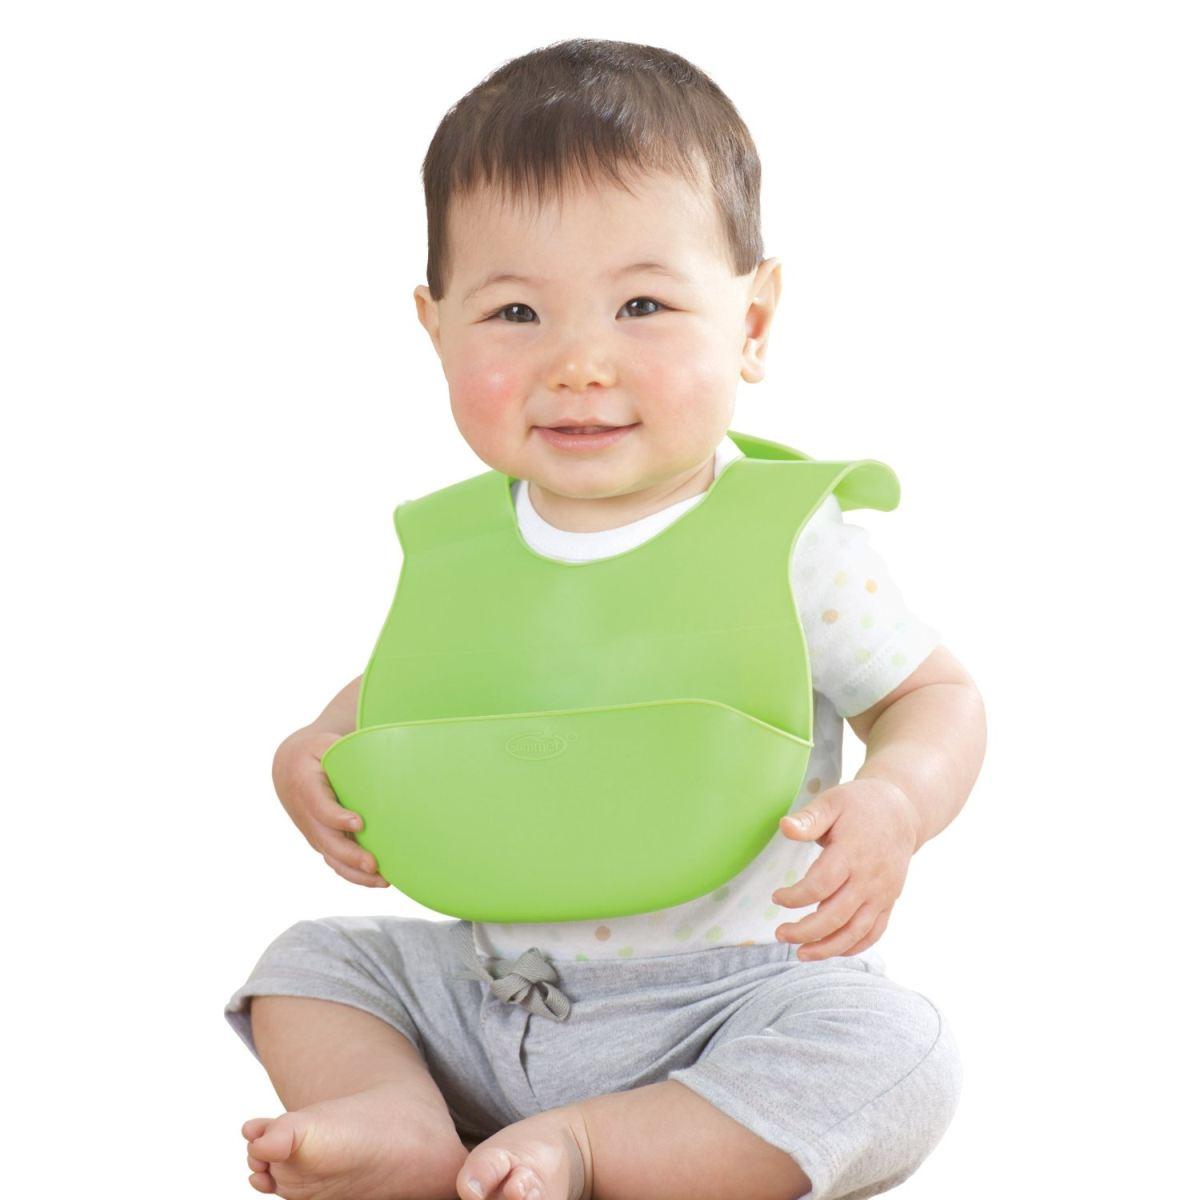 Bioacimin - 04 - May - Những điều mẹ cần biết về chế độ ăn dặm Baby Wed Leaning7